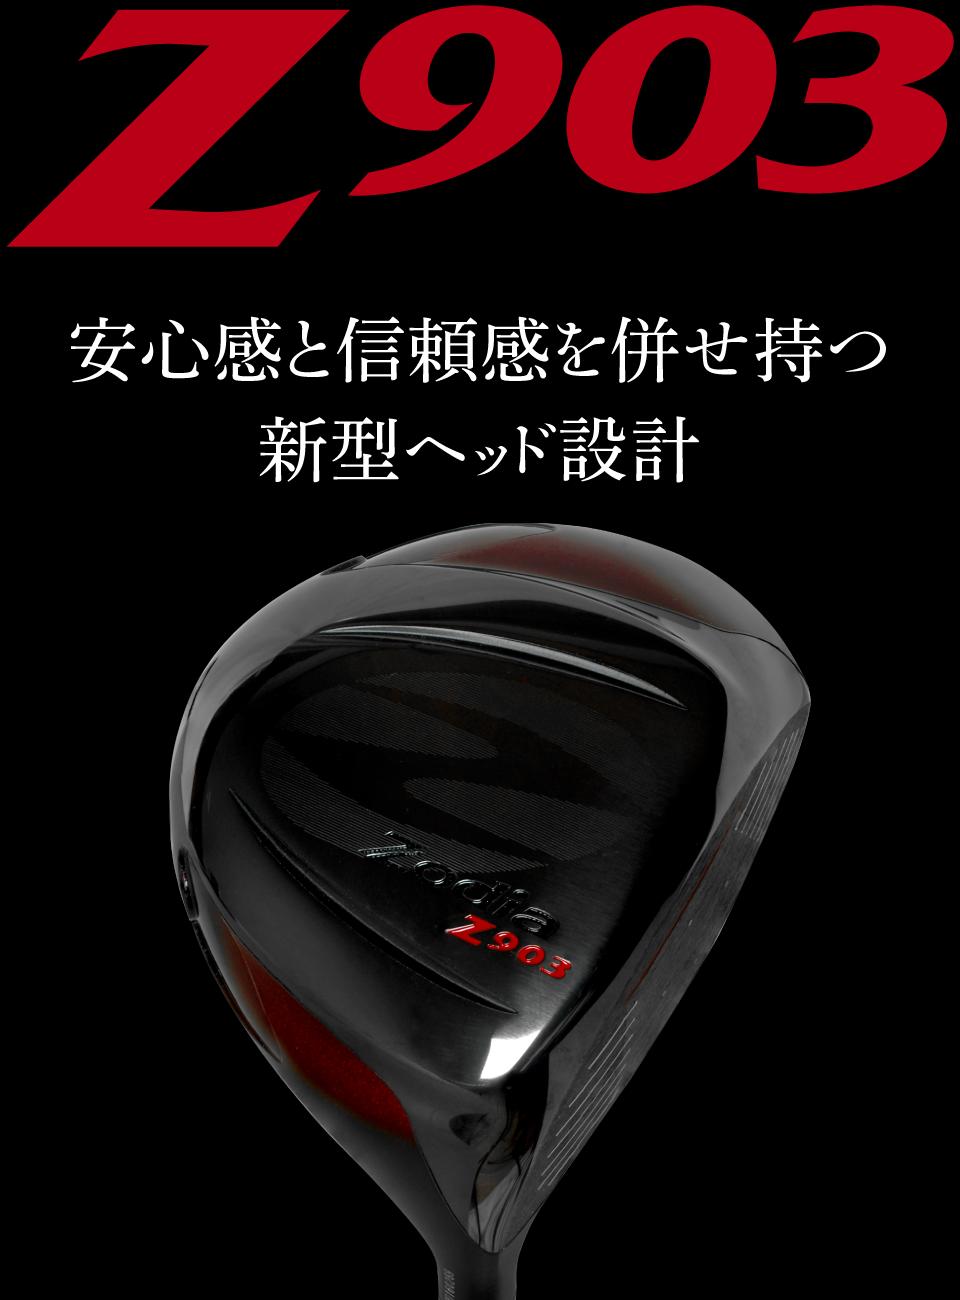 安心感と信頼感を併せ持つ新型ヘッド設計。